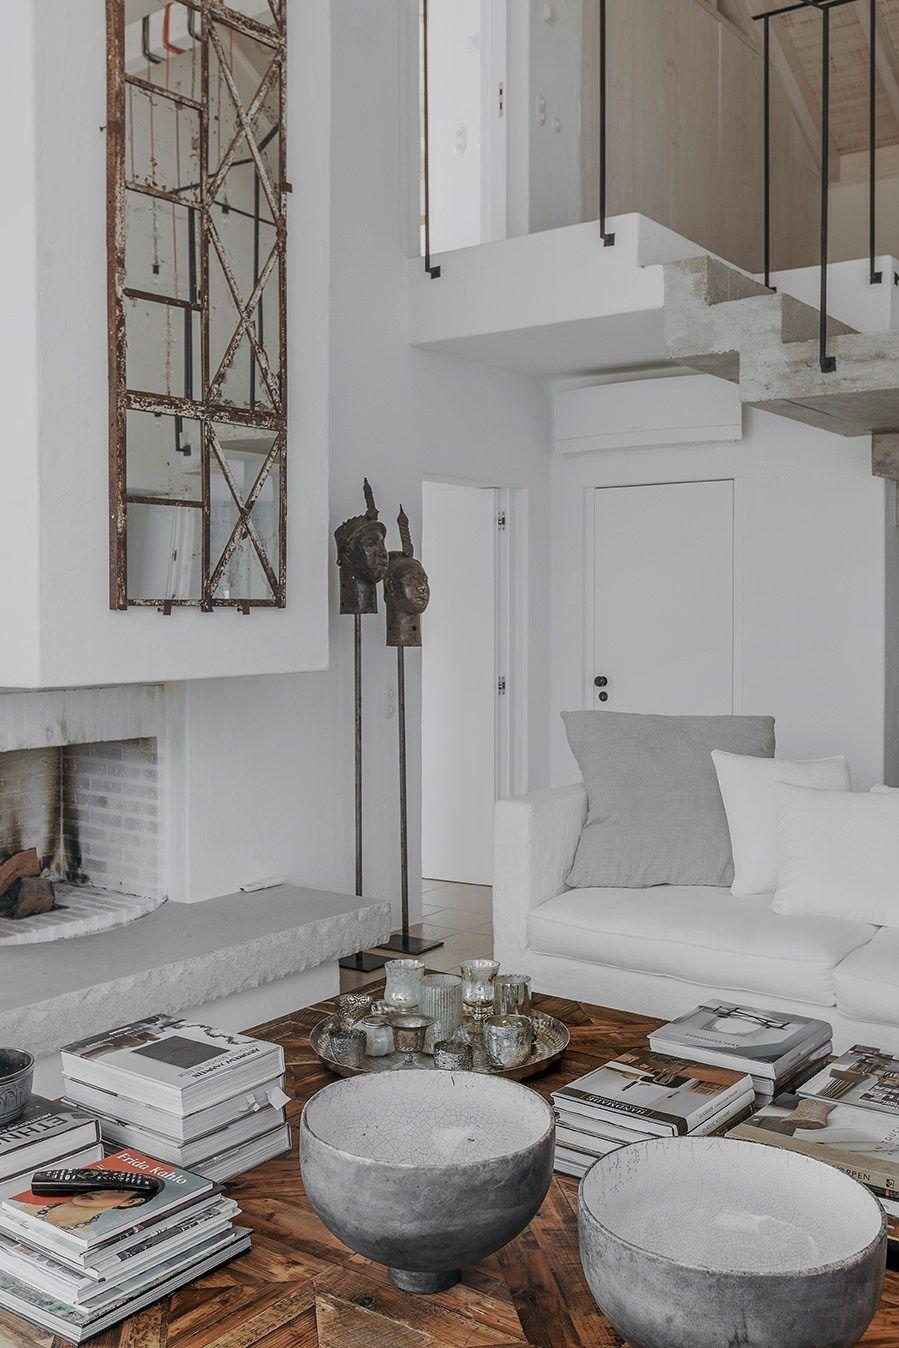 Une Maison Portugaise Renovee En Tons Naturels Planete Deco A Homes World Maisons Mediterraneennes Maison Mediterranee Maison